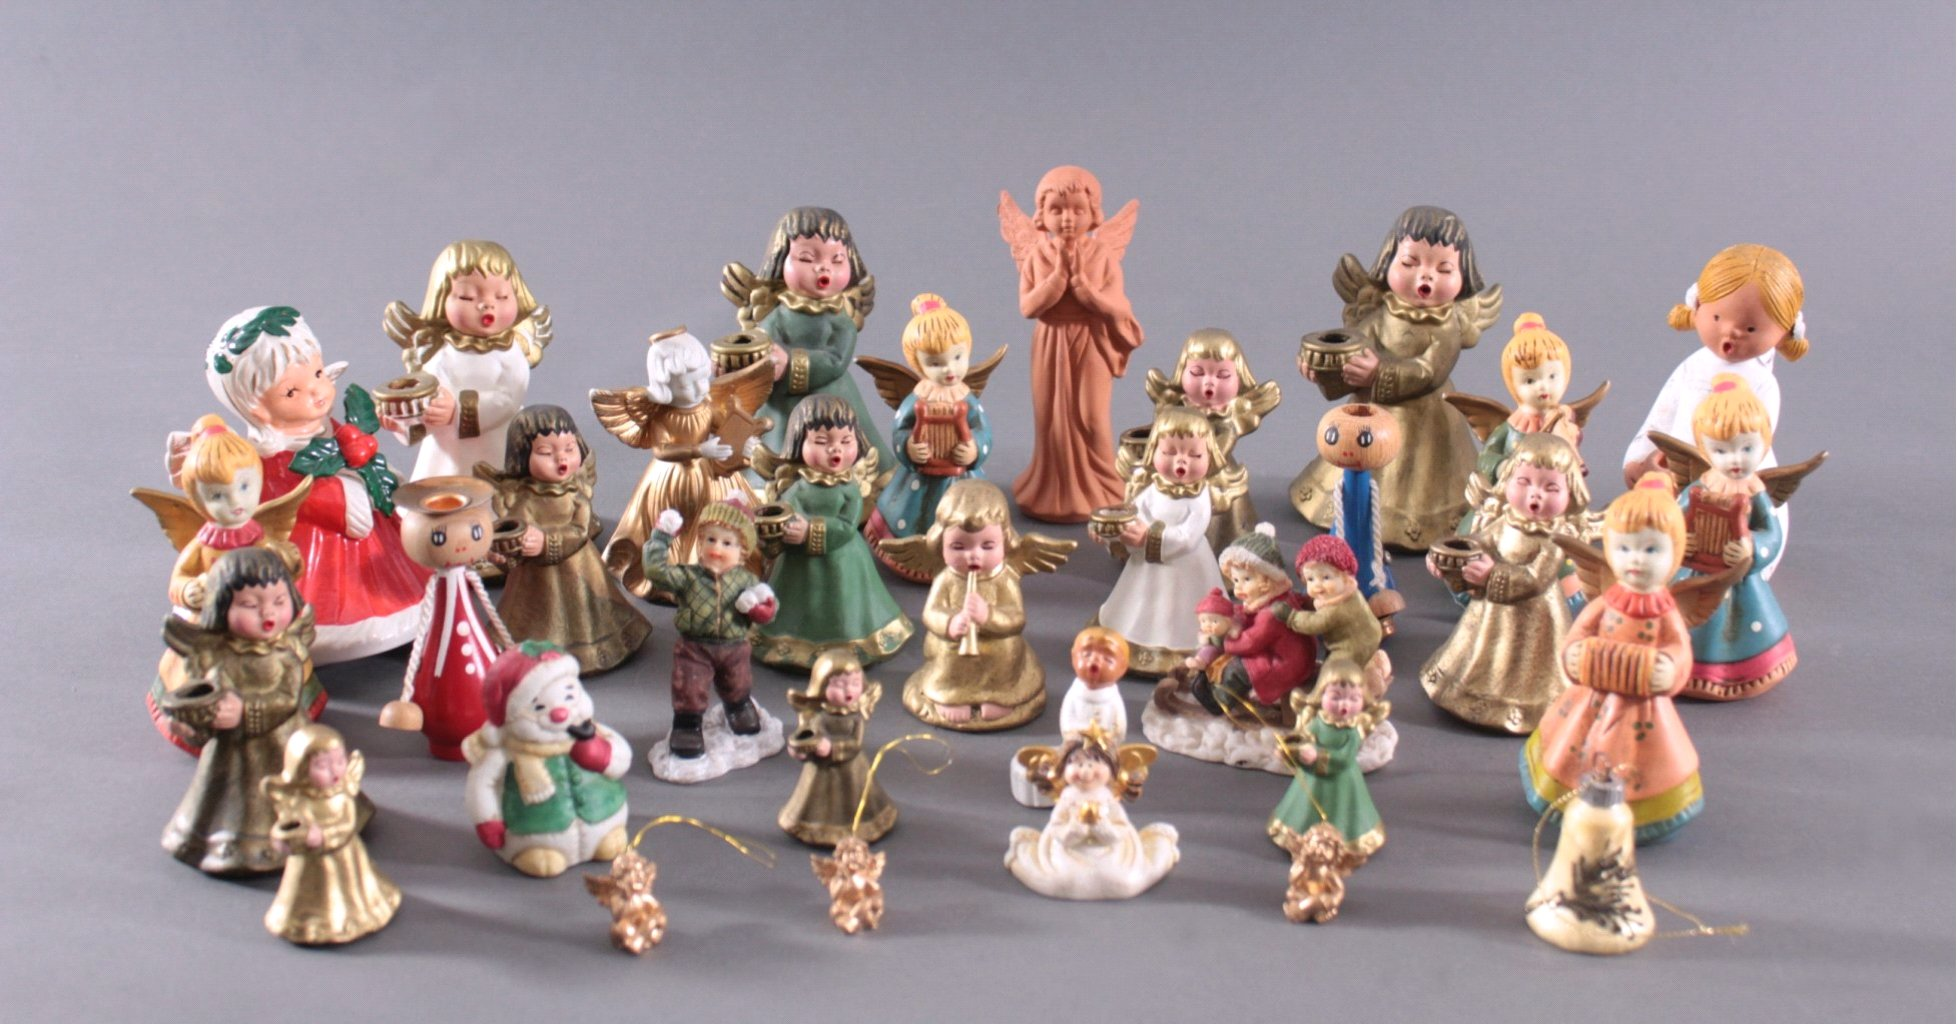 Sammlung Engel, überwiegend Bozner Engel, ca. 65 Stück